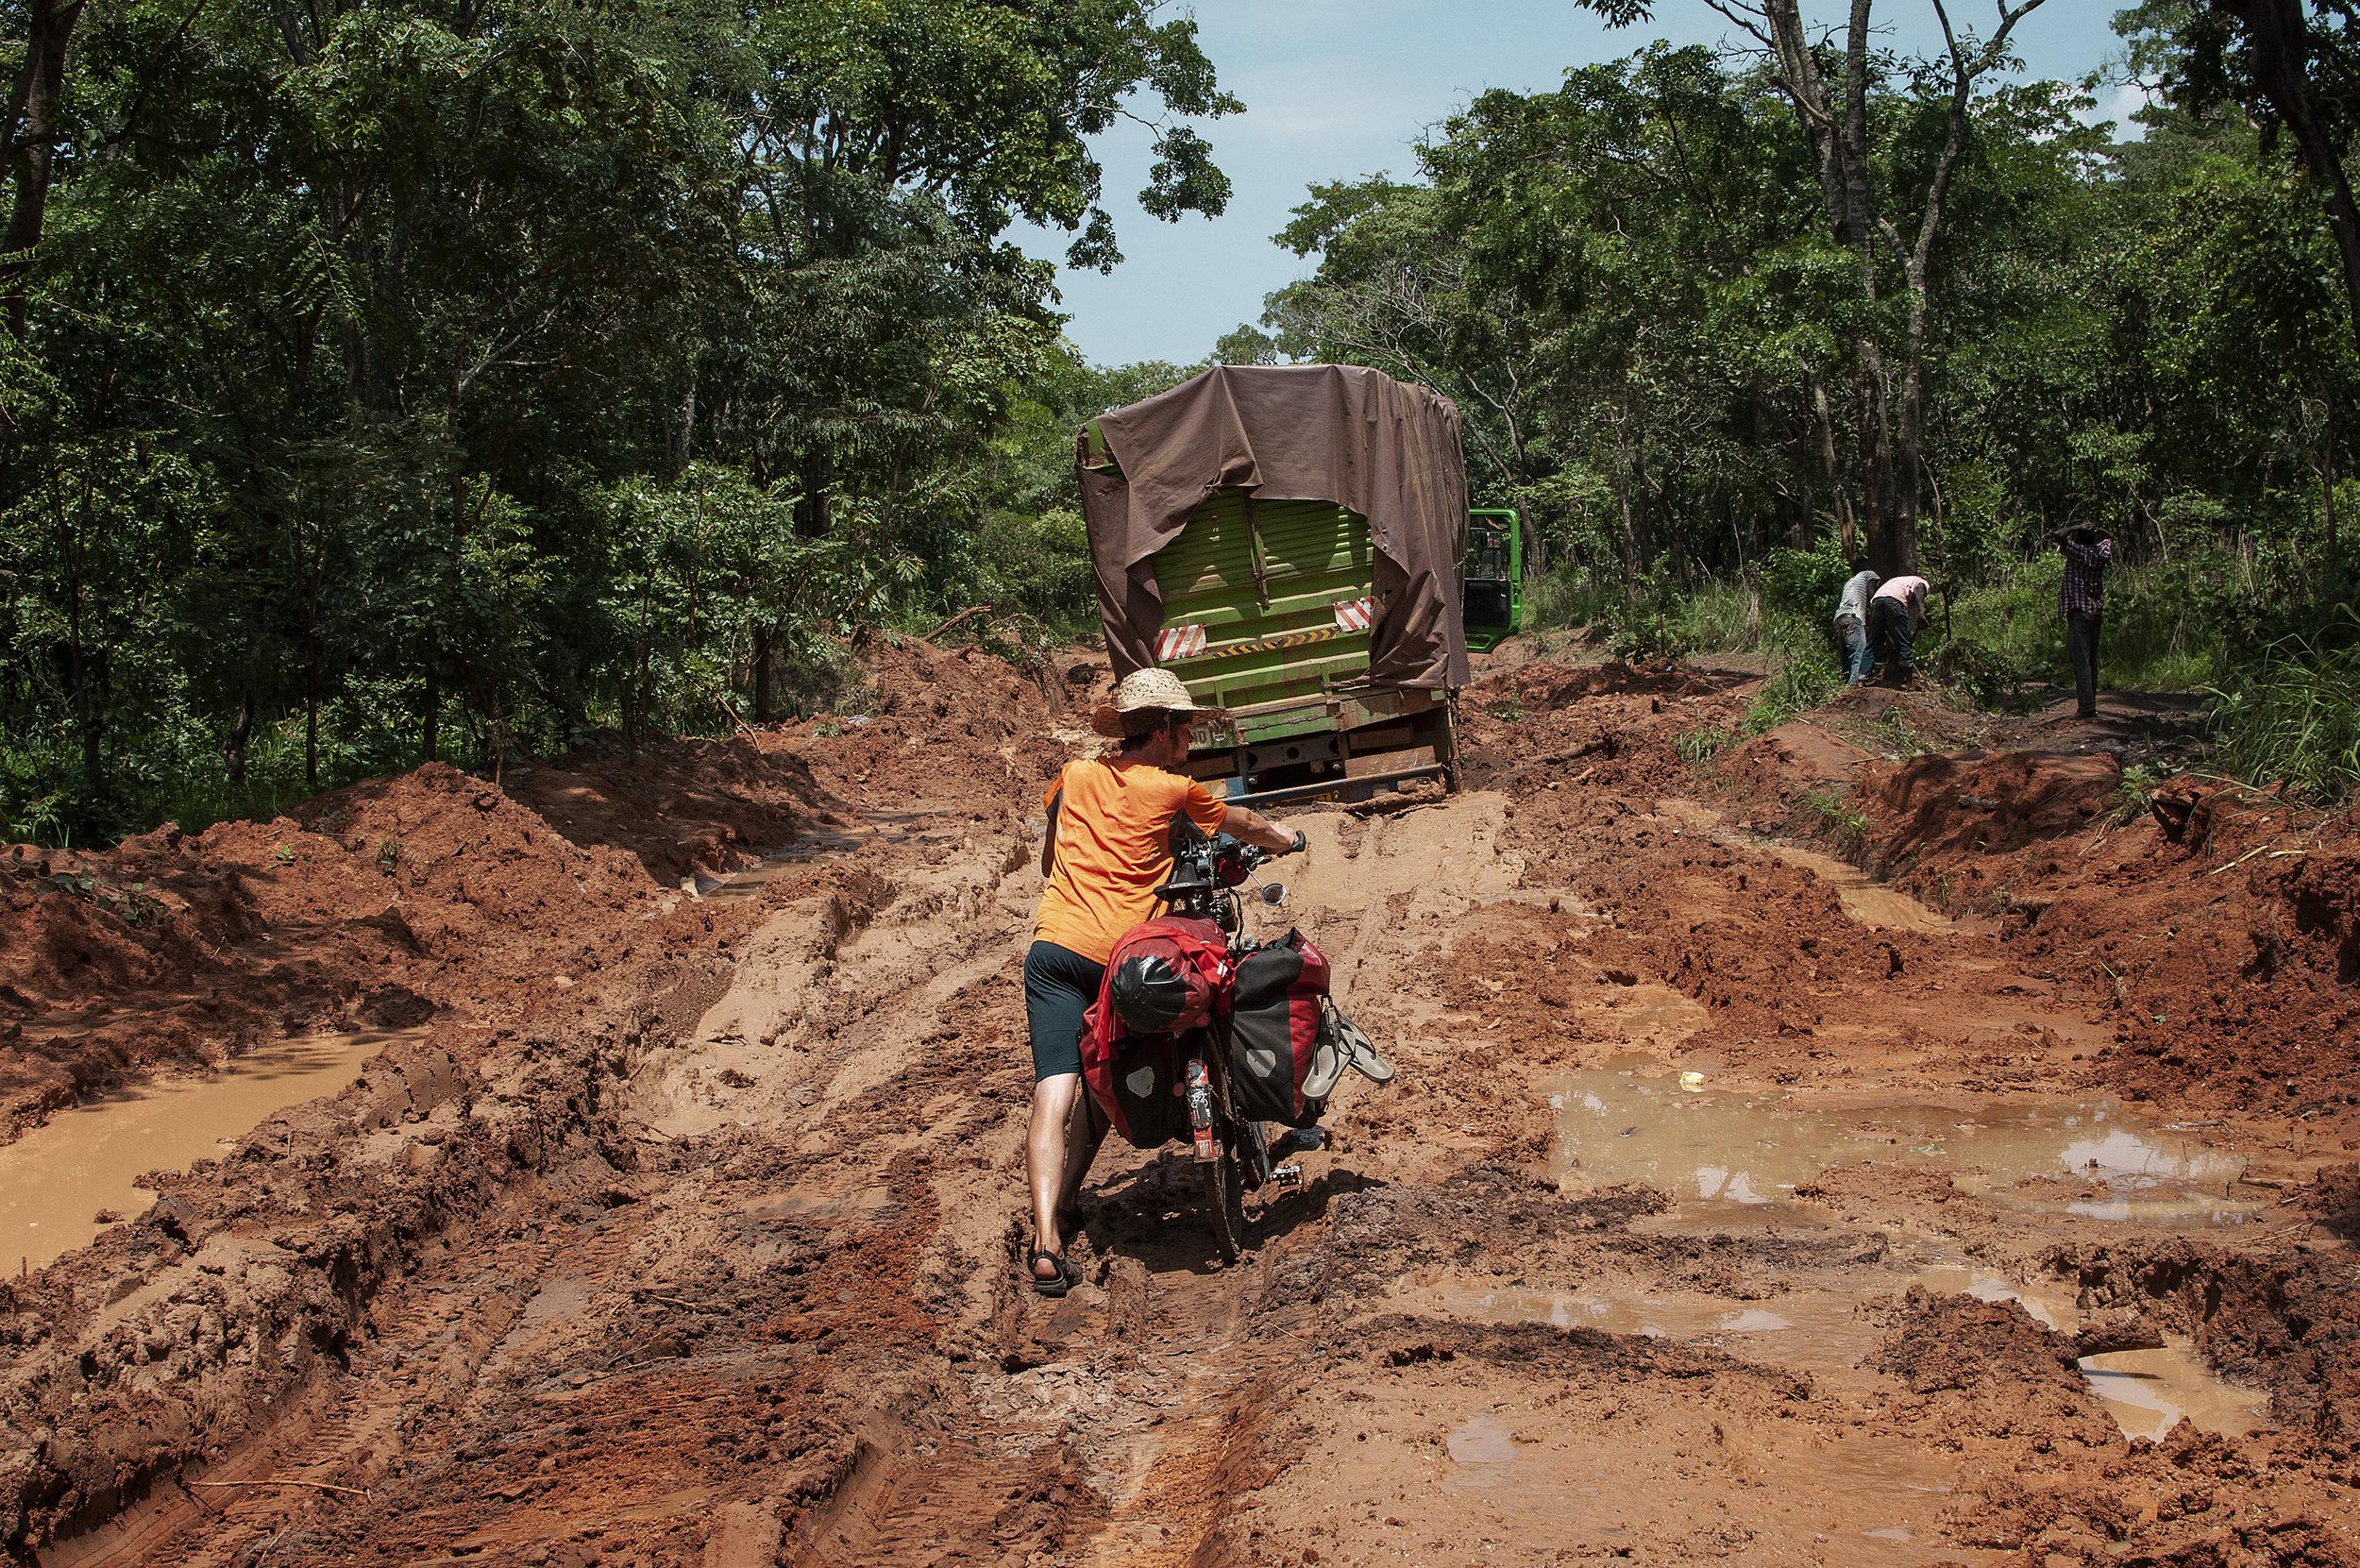 Nach starken Regengüssen in Tanzanias Westen ist an Fahrradfahren nicht mehr zu denken.jpg